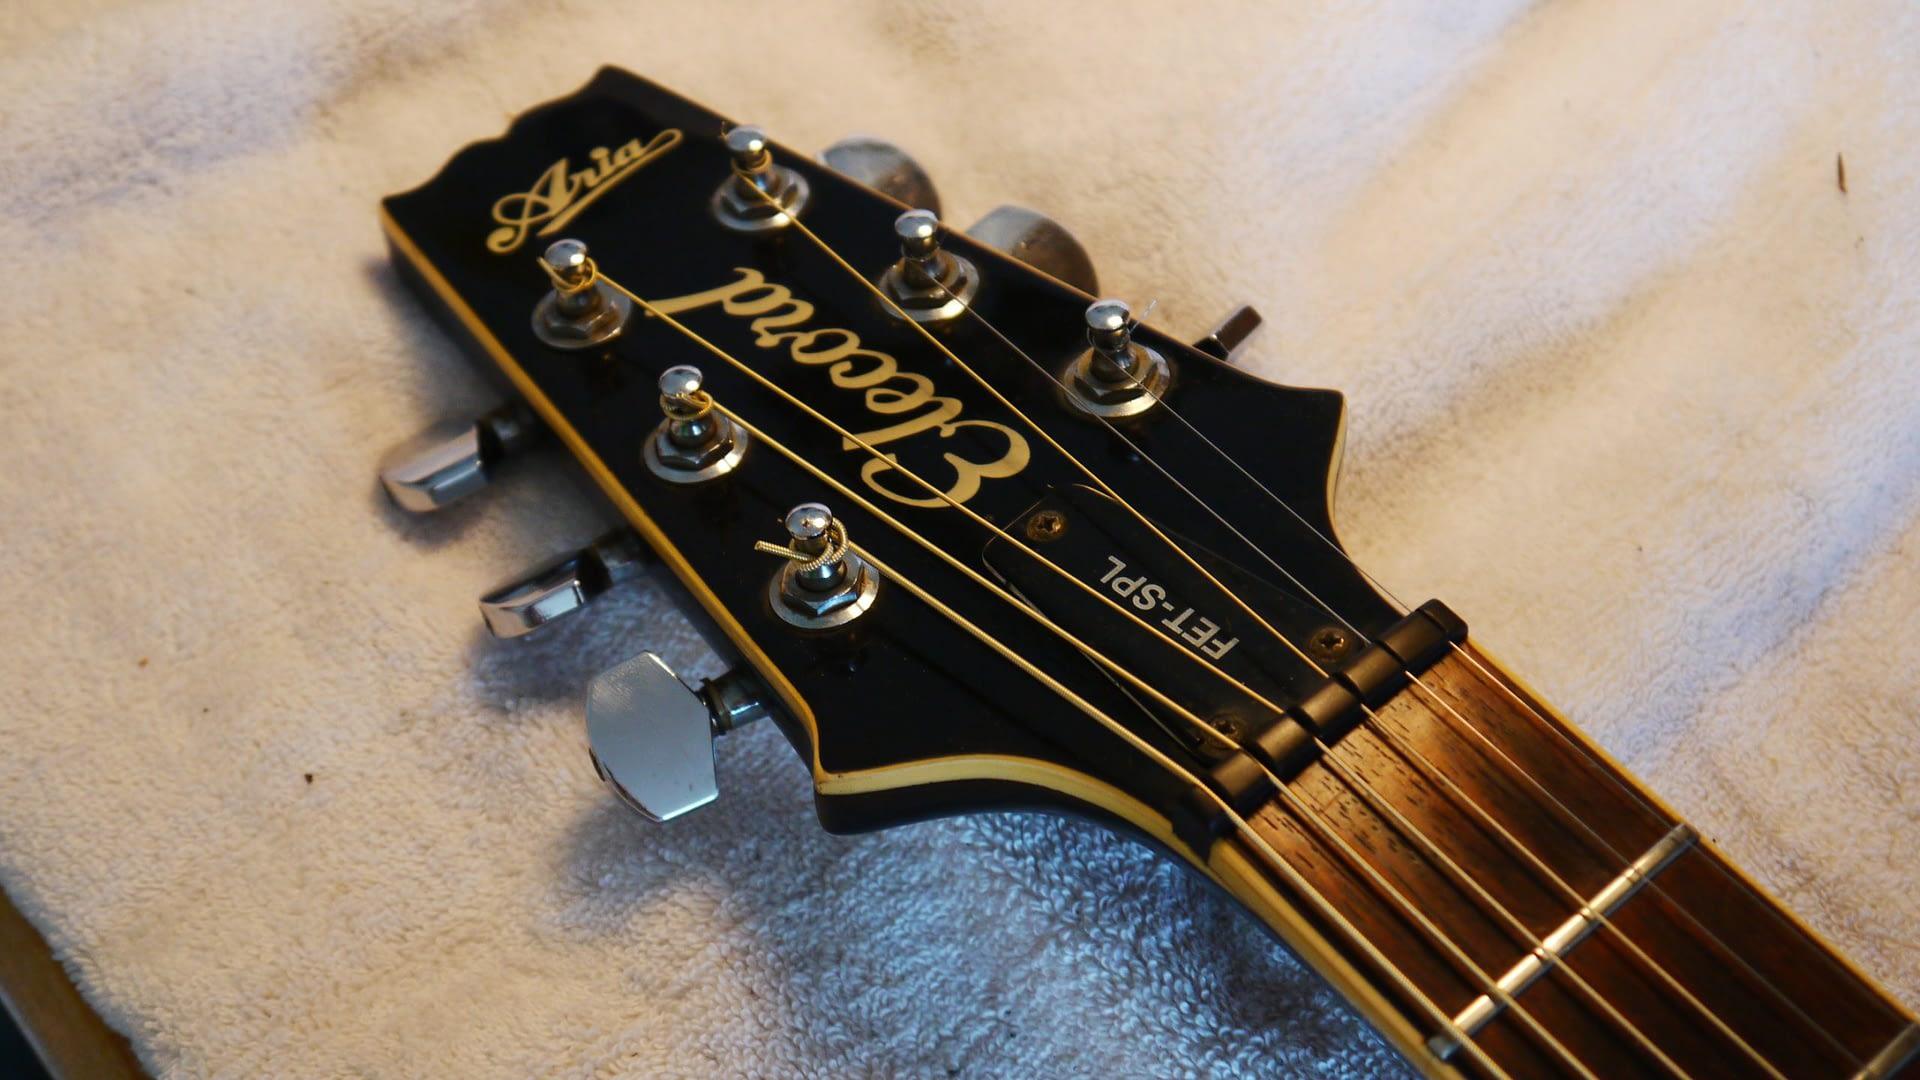 New Ebony Nut guitar repair stroud